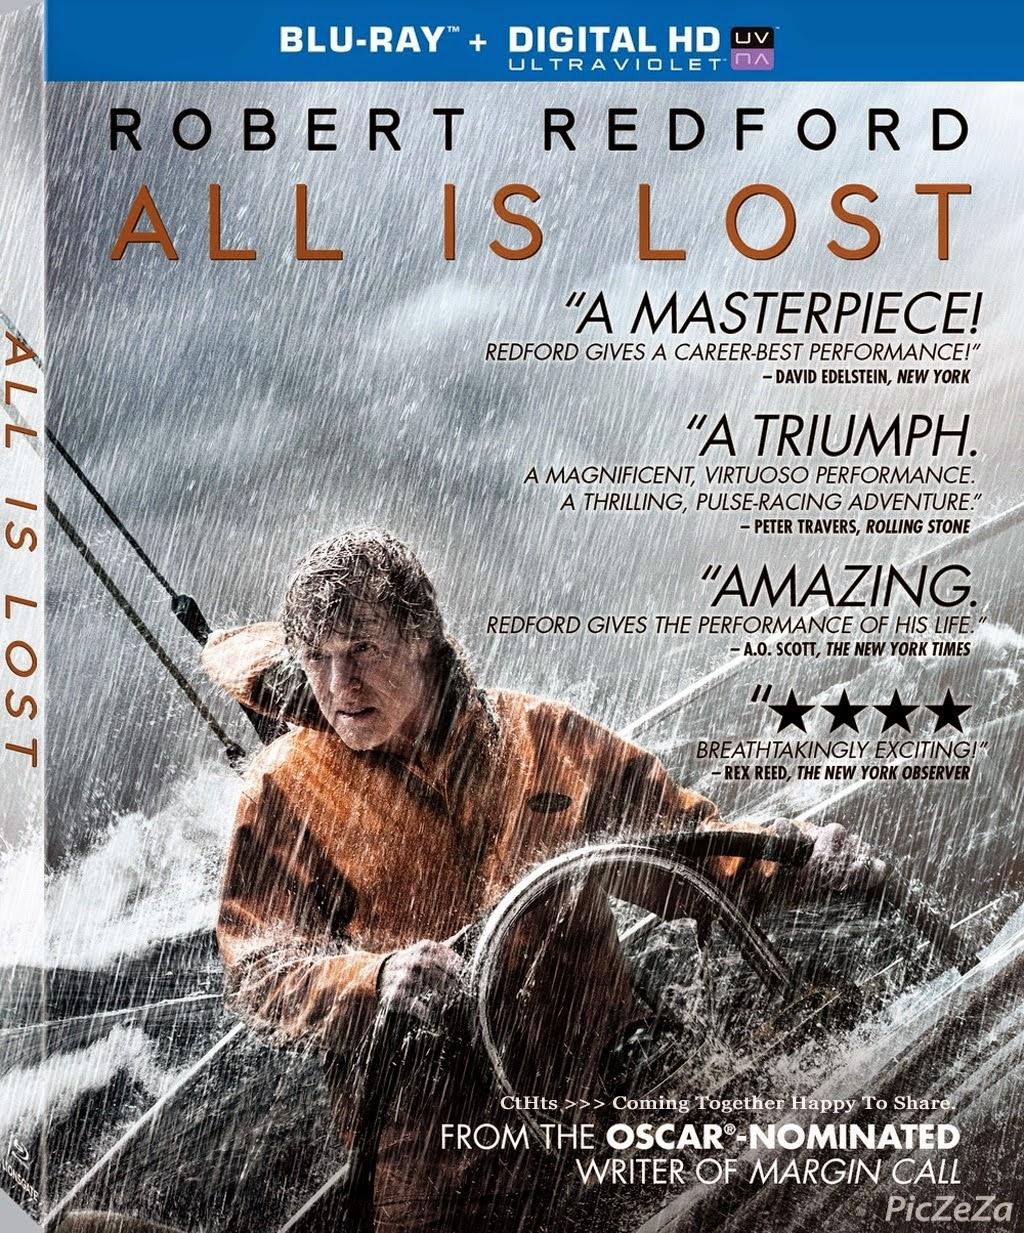 All Is Lost (2013) : ออล อีส ลอสต์